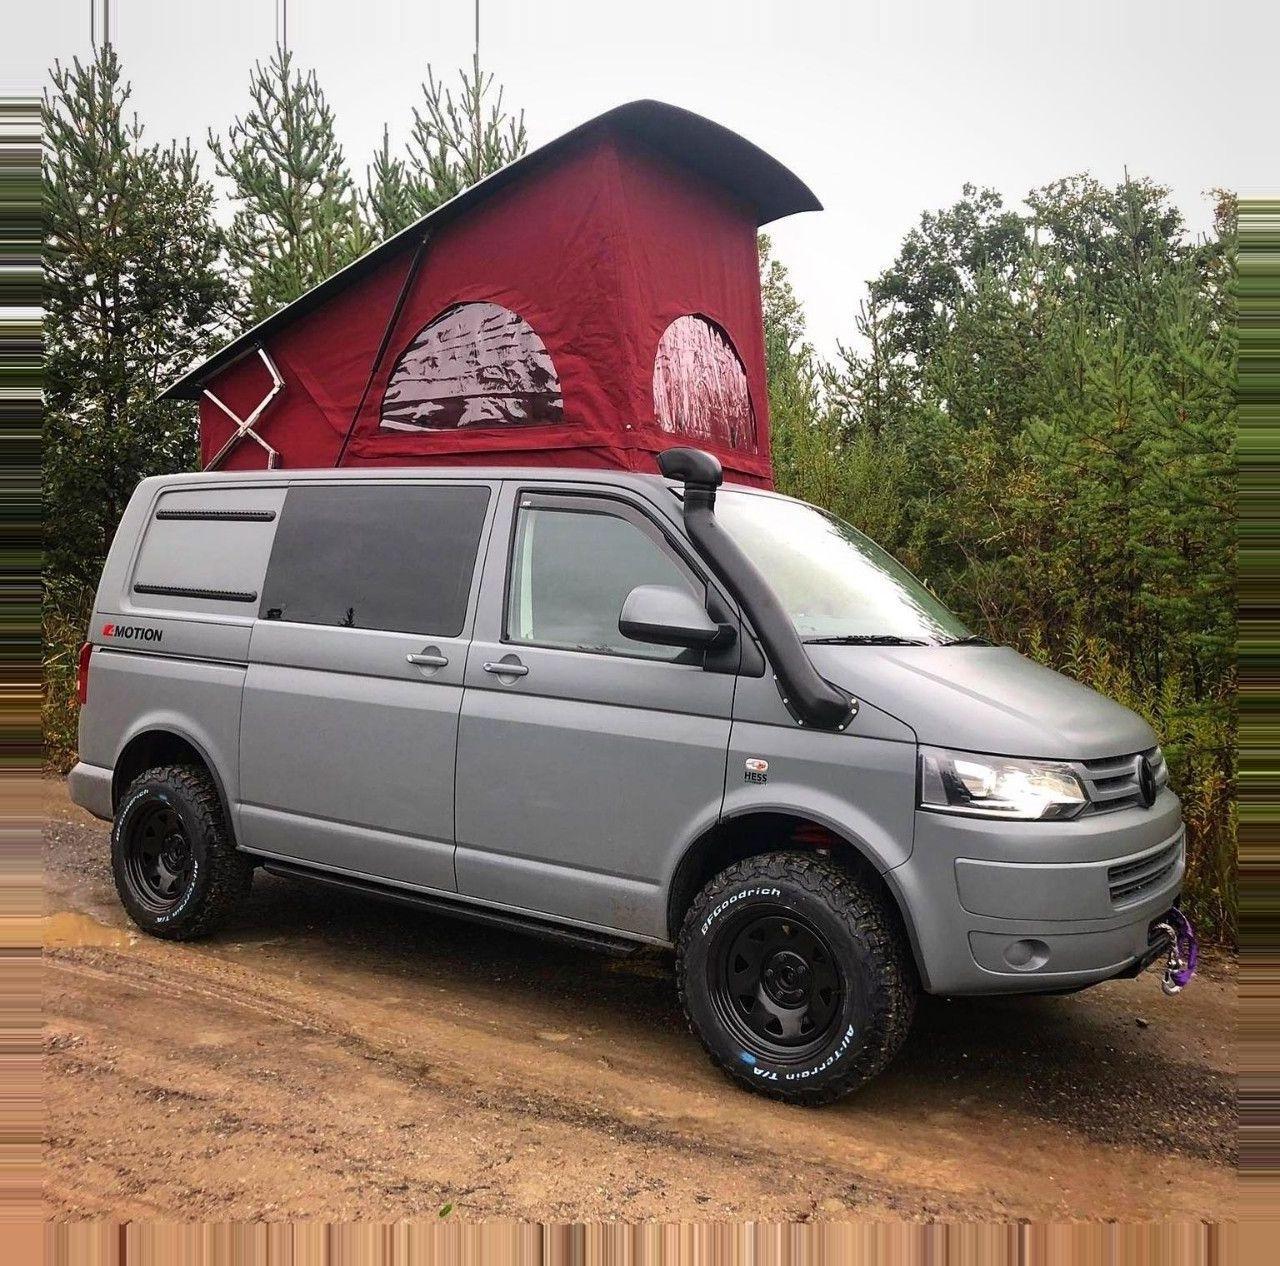 Pin By Hottienyu On Vw Tcar In 2020 Vw Transporter Camper Vw T5 Campervan Vw T5